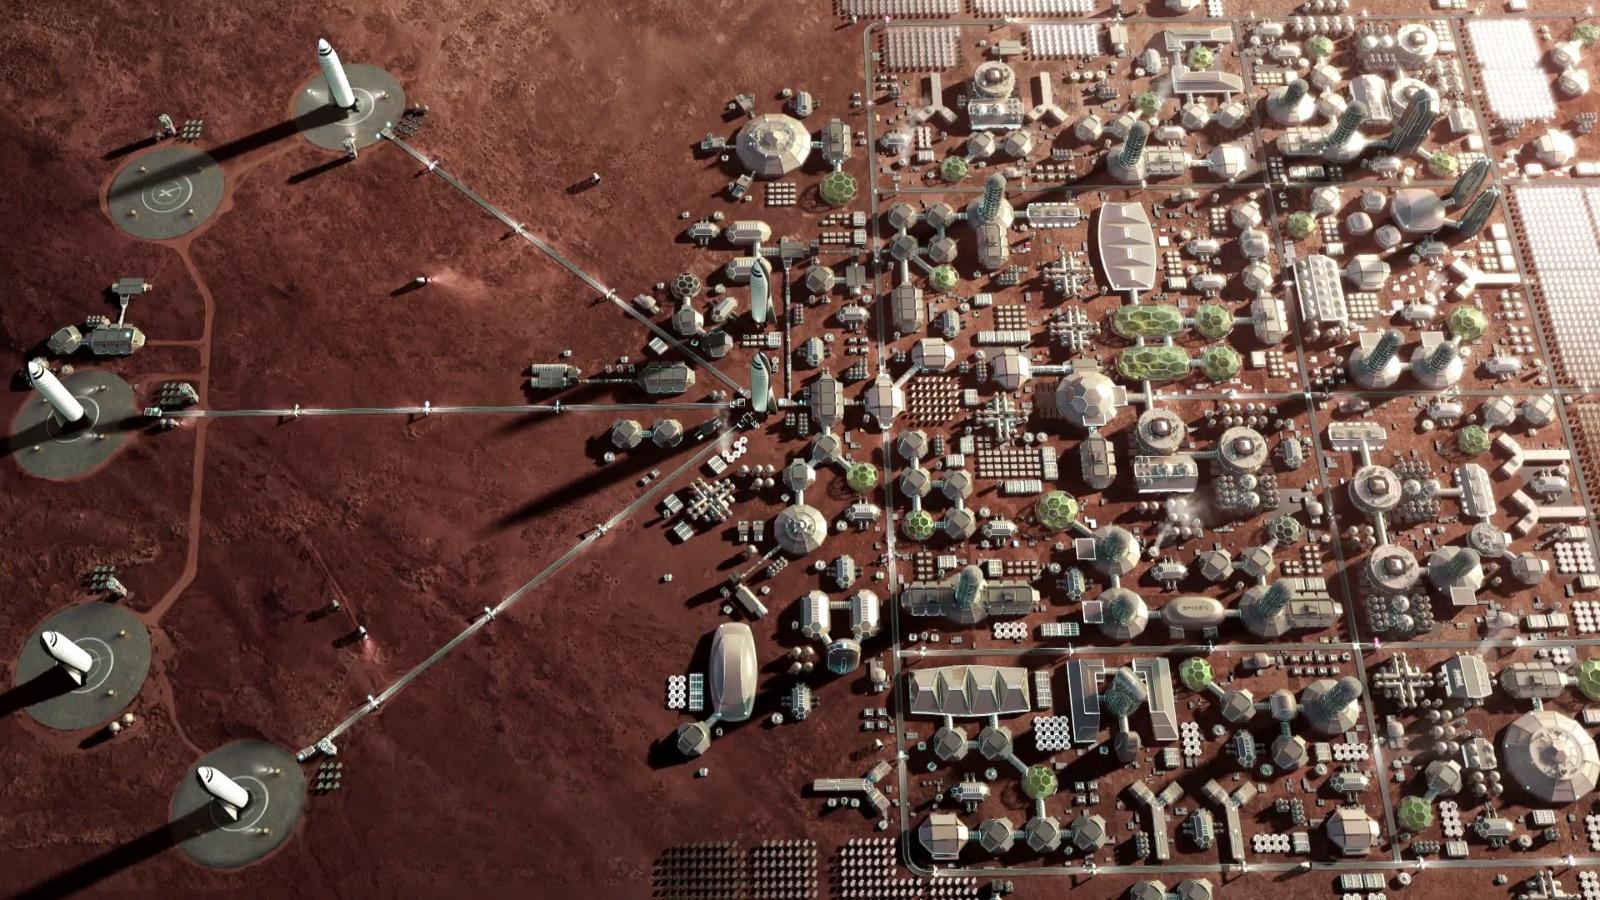 Илон Маск представил гигантскую ракету BFR и описал план марсианского города - 8